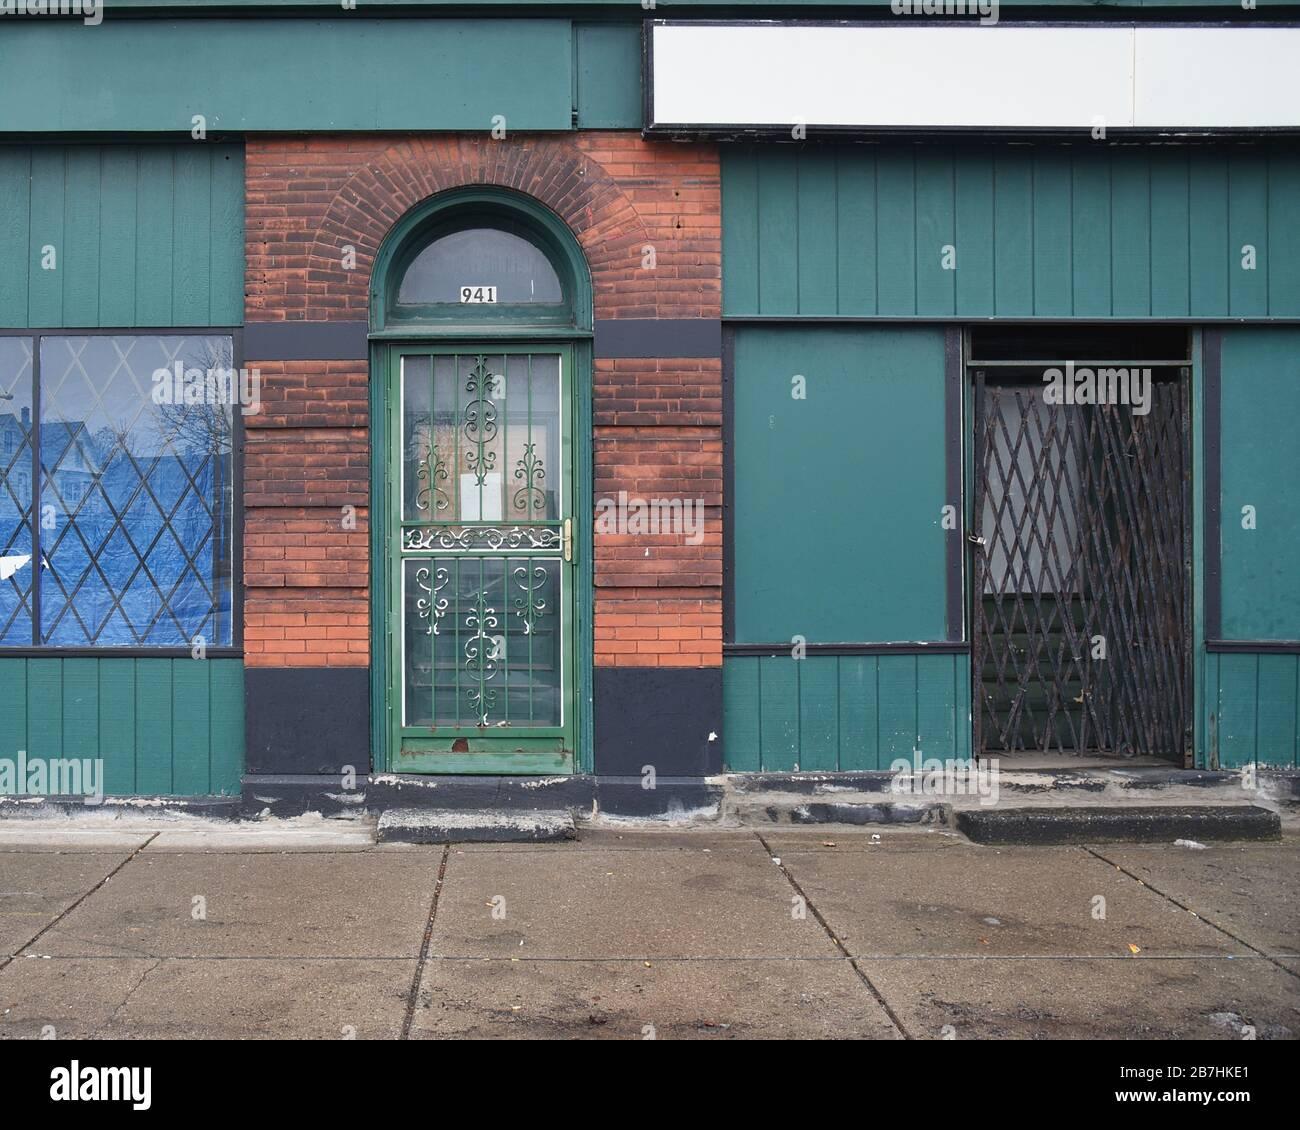 Una puerta vieja y ventanas vacías frente a la tienda en el centro de Buffalo, NY para un concepto de desarrollo económico de negocios Foto de stock